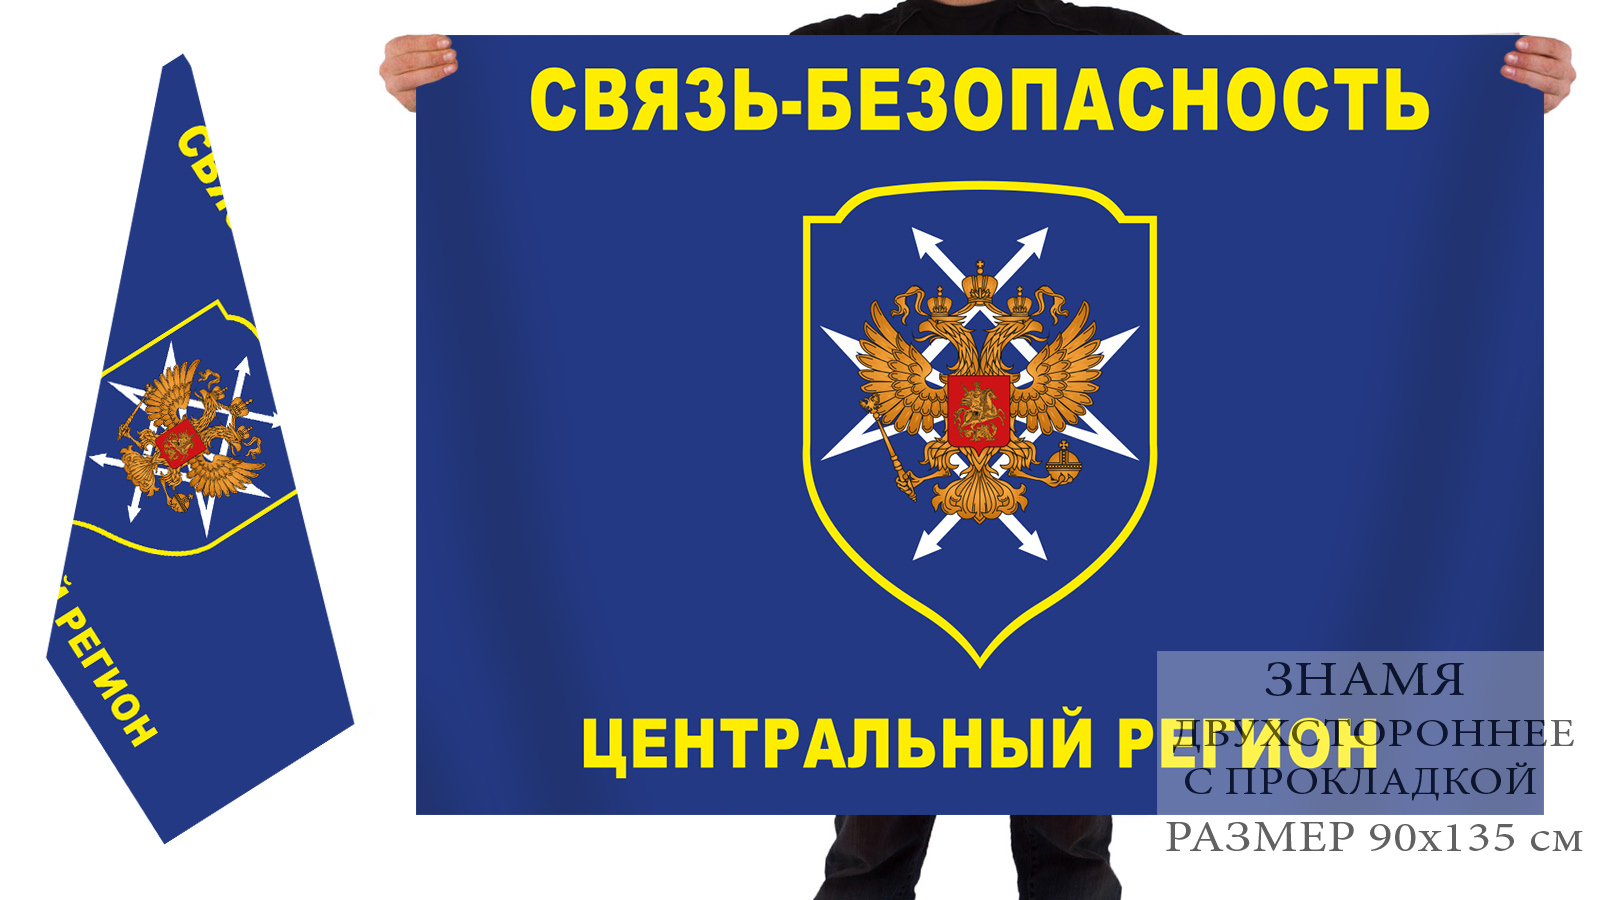 Купить недорого флаг «Связь-безопасность. Центральный регион»